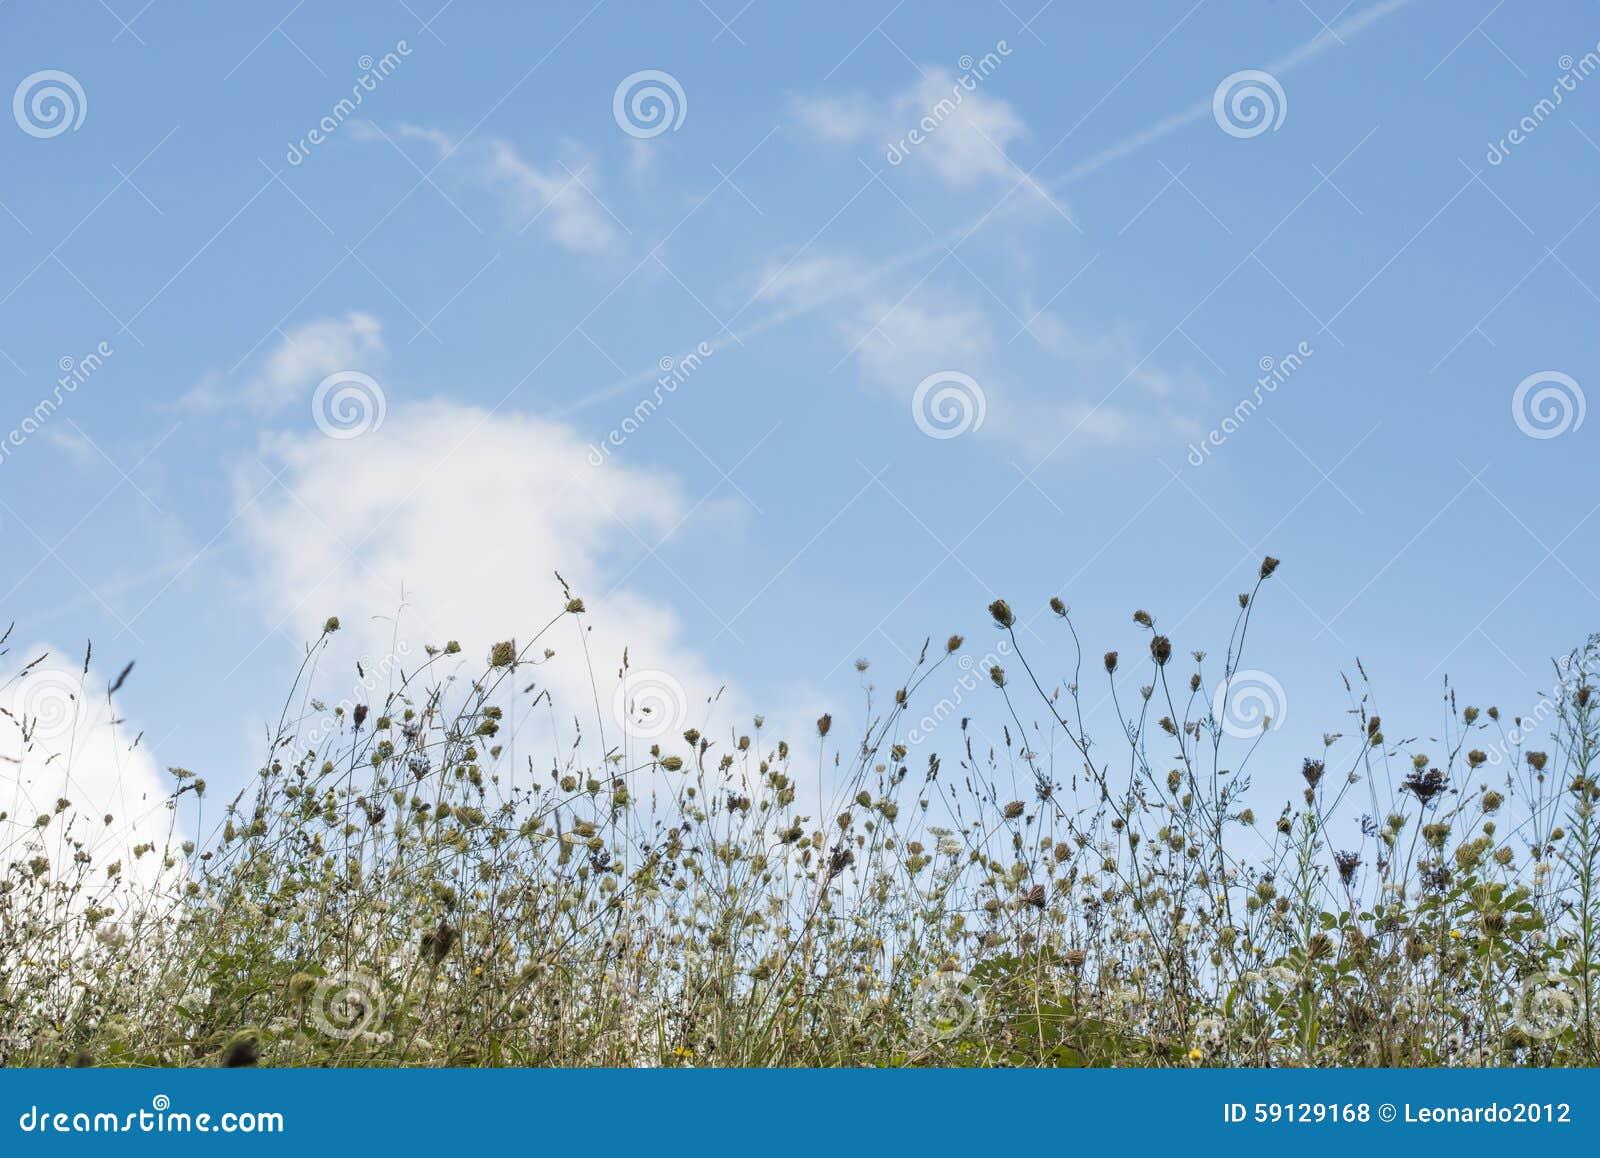 Bakgrund av det blandade blommafältet med himmel och moln